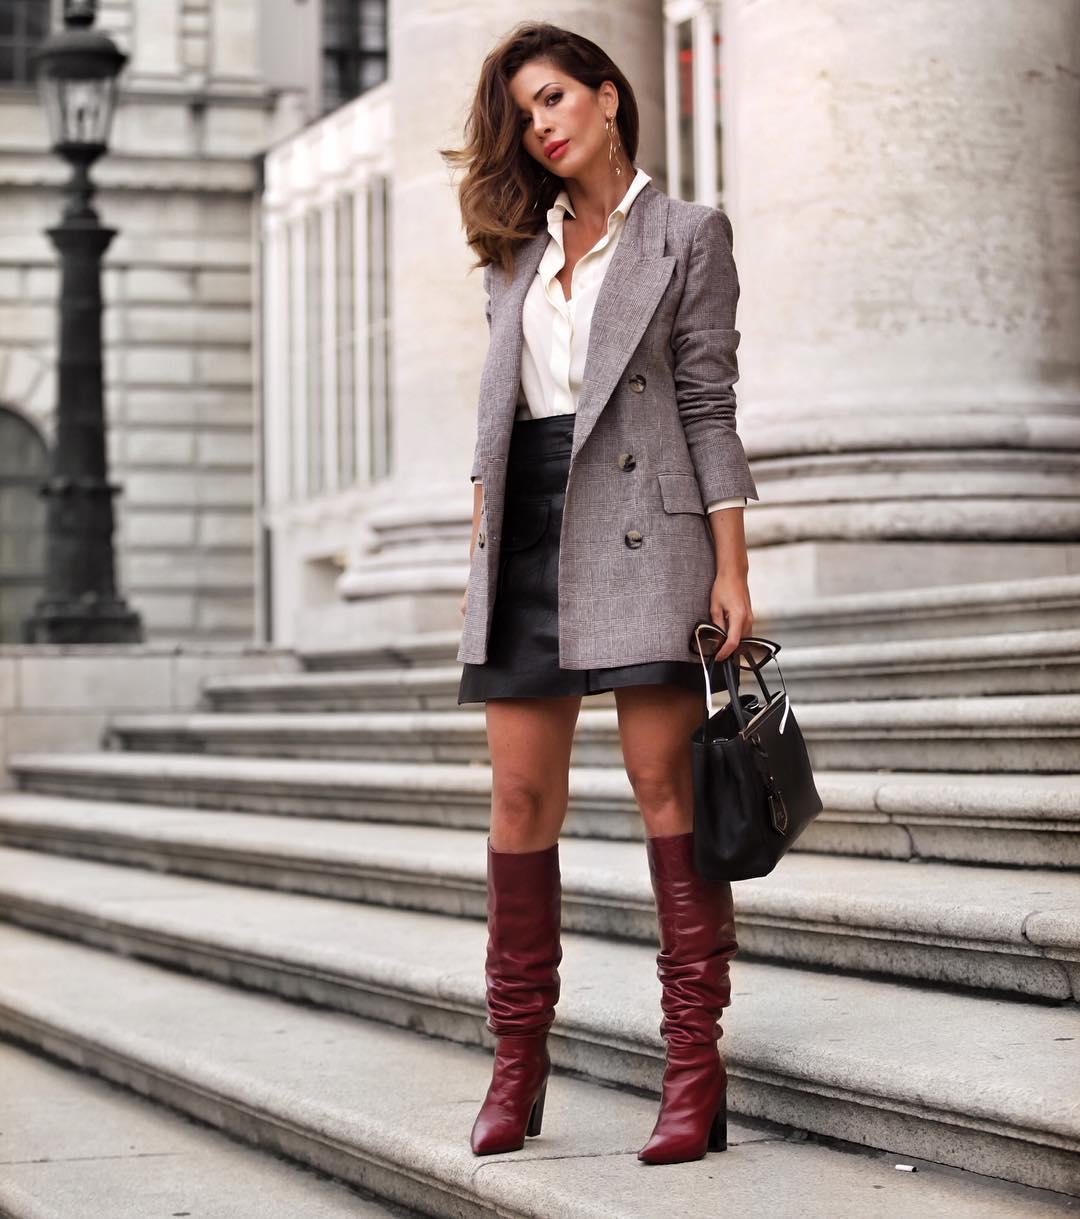 Кожаная юбка с блузкой фото 10